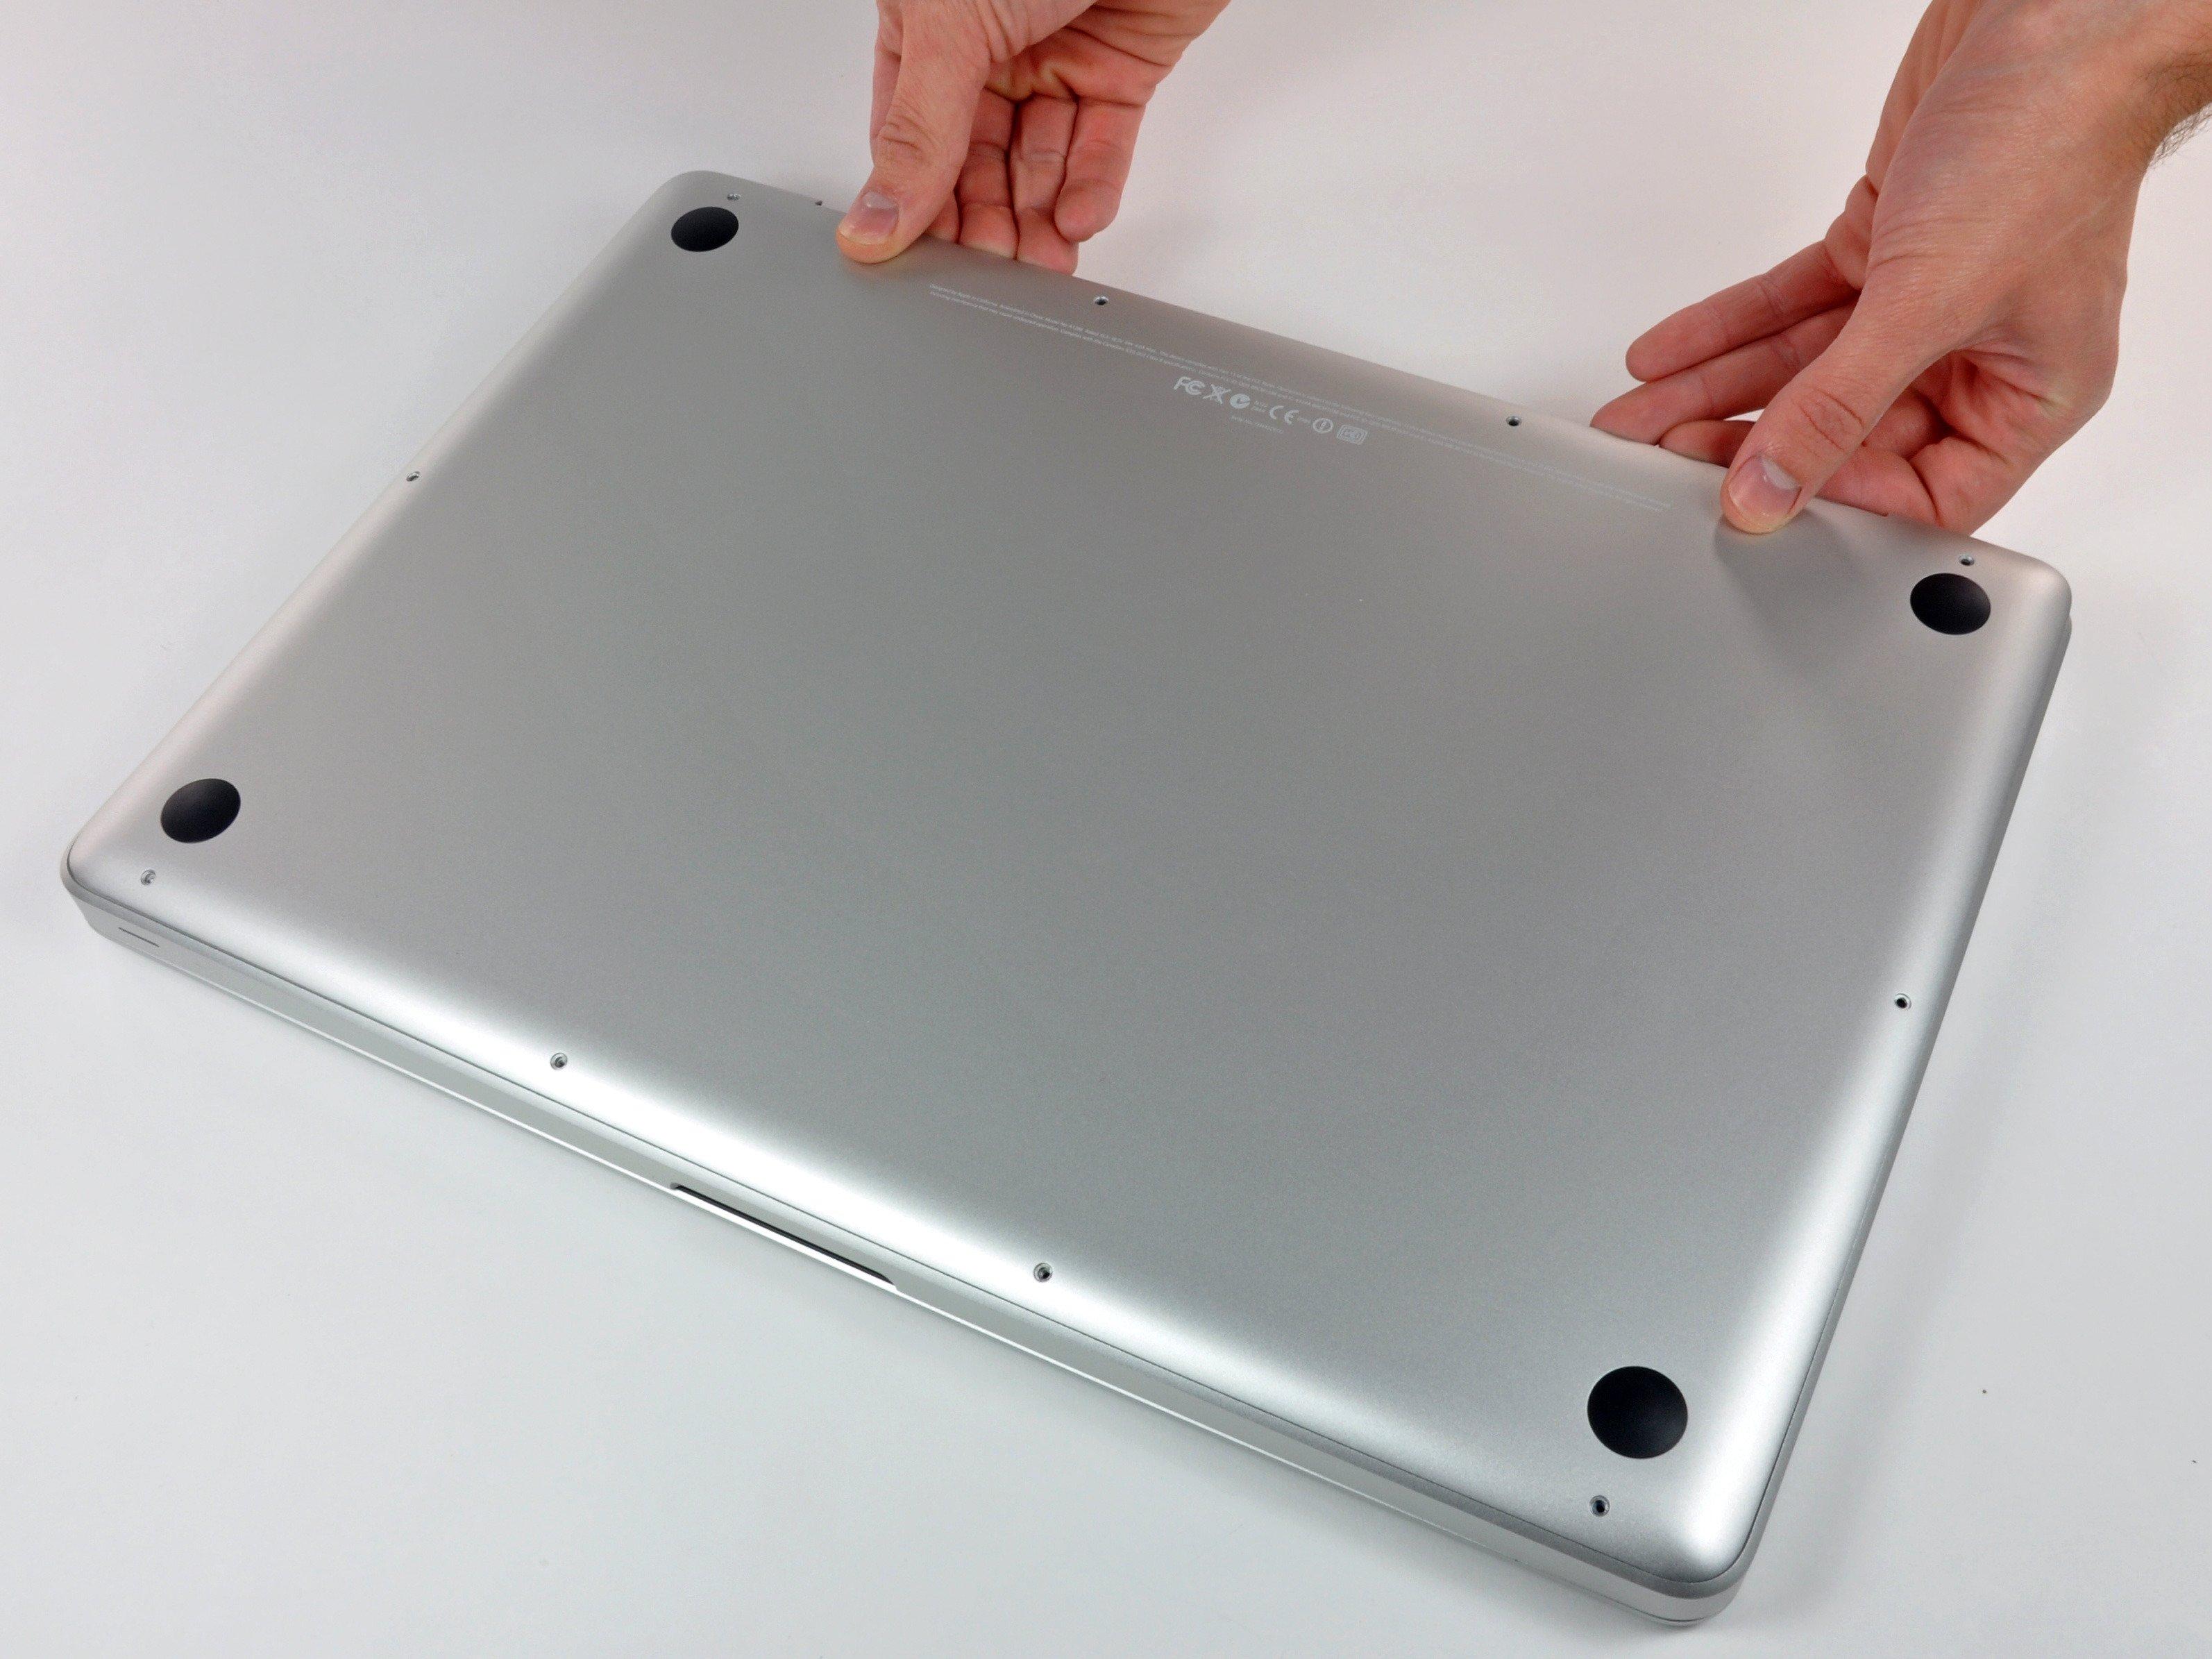 new product 5cf88 40bda MacBook Pro 15